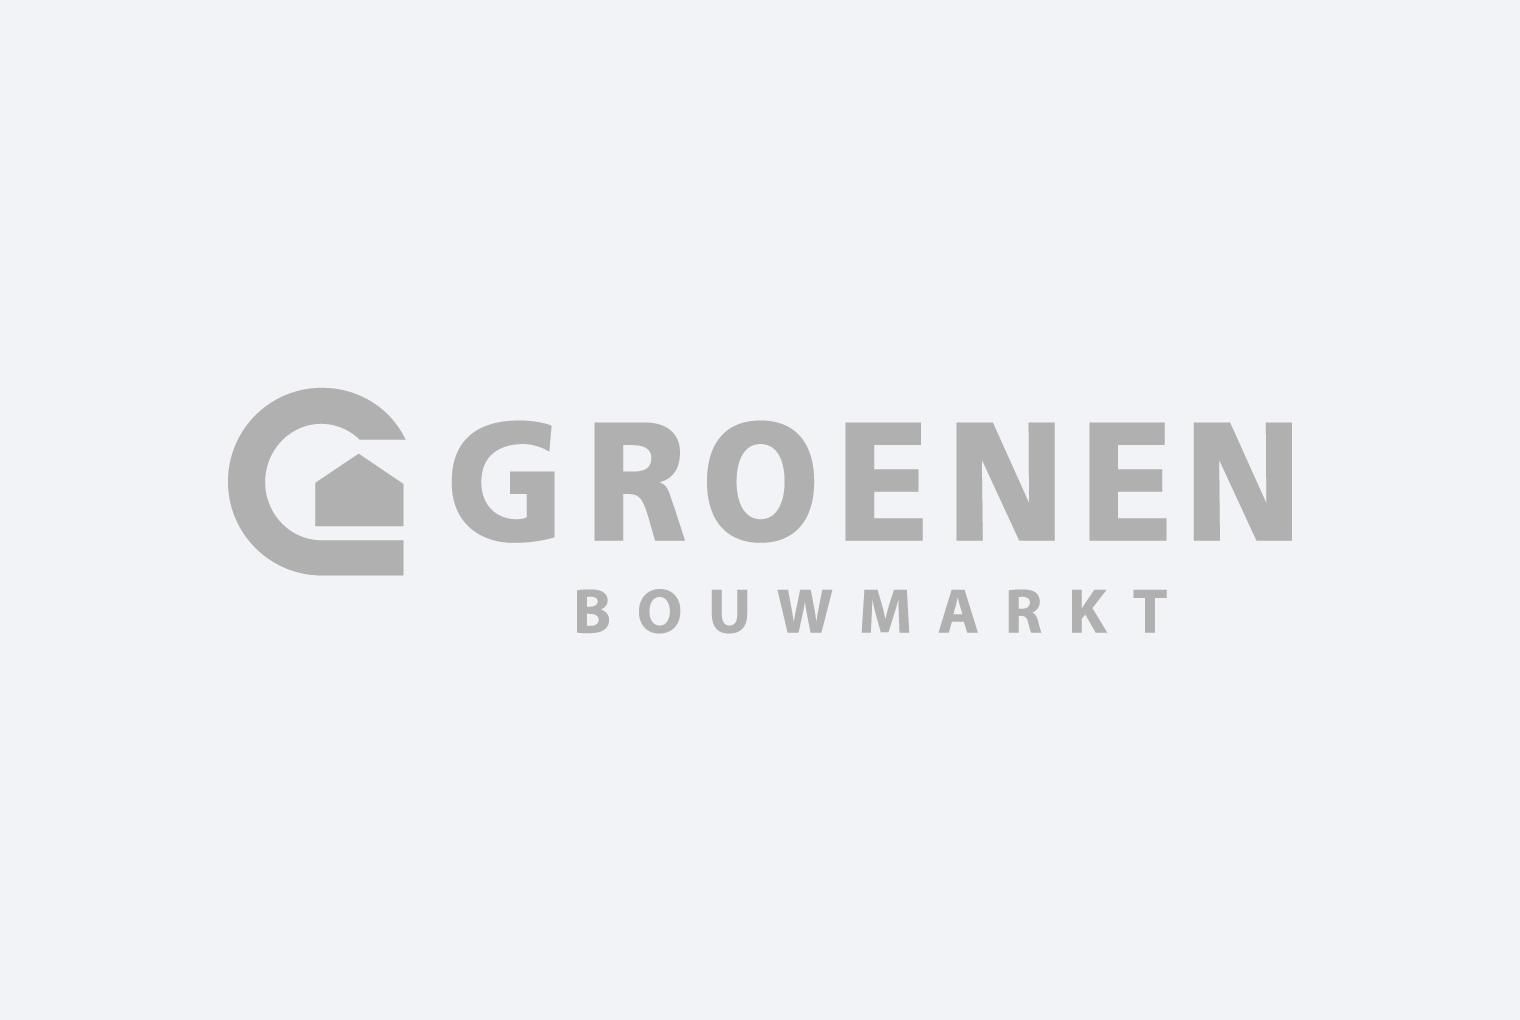 Questo werkt voor Bouwmarkt Groenen - Reclamefolders